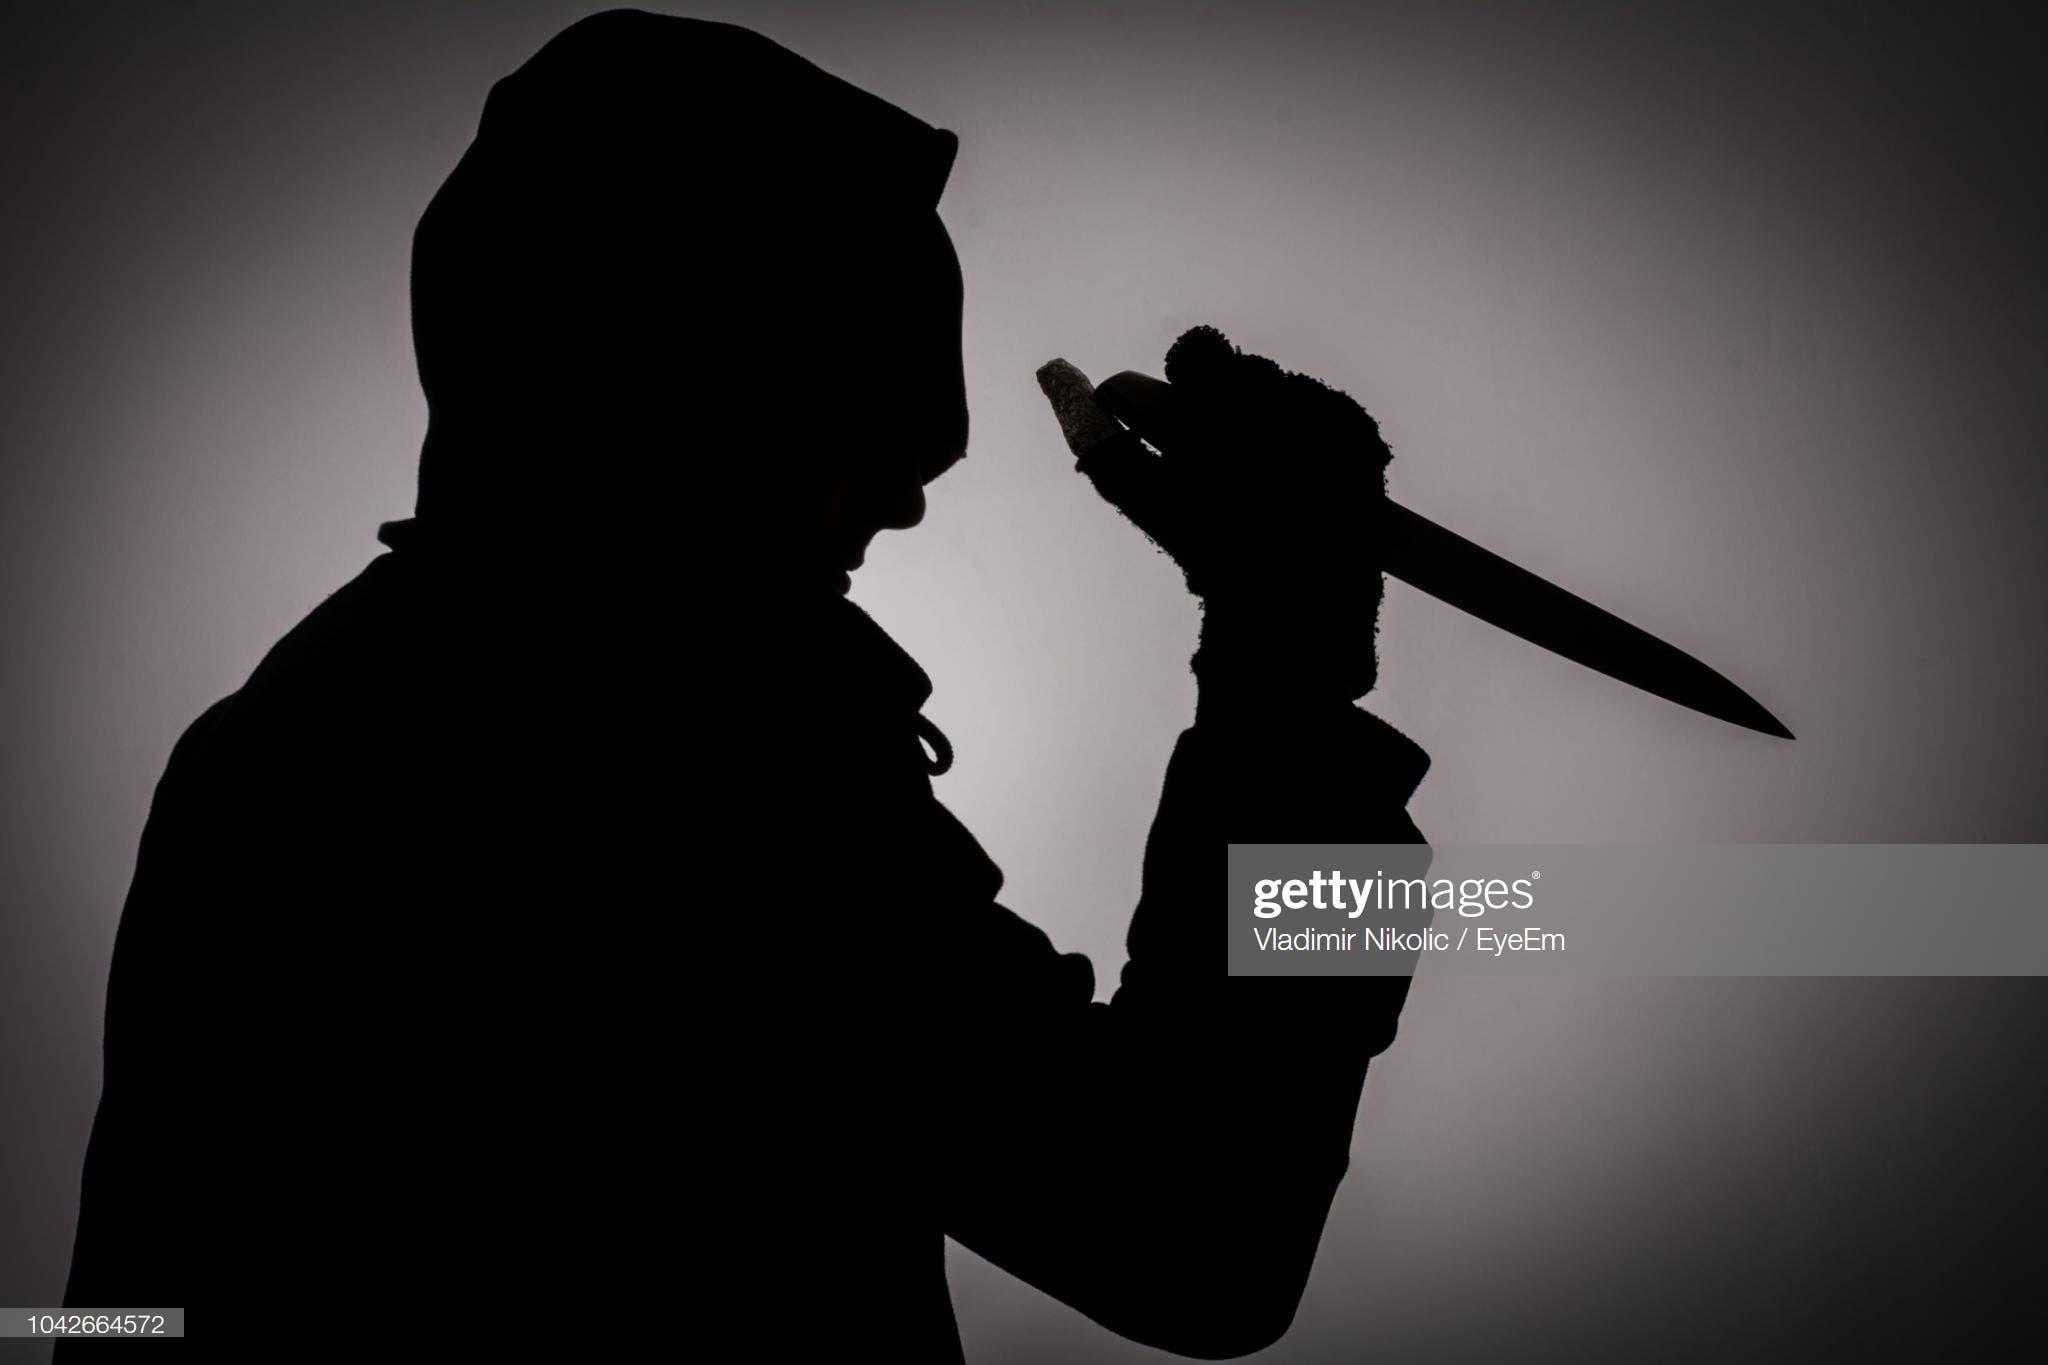 Al ver el forcejeo con el ladrón, el niño de 11 años de edad (al quien no se identifica por razones legales), intentó defender a su madre. En represalia, el hombre gritaba que lastimaría al niño, al que le lanzó dos estocadas en el abdomen con el puñal. Foto: Getty Images.